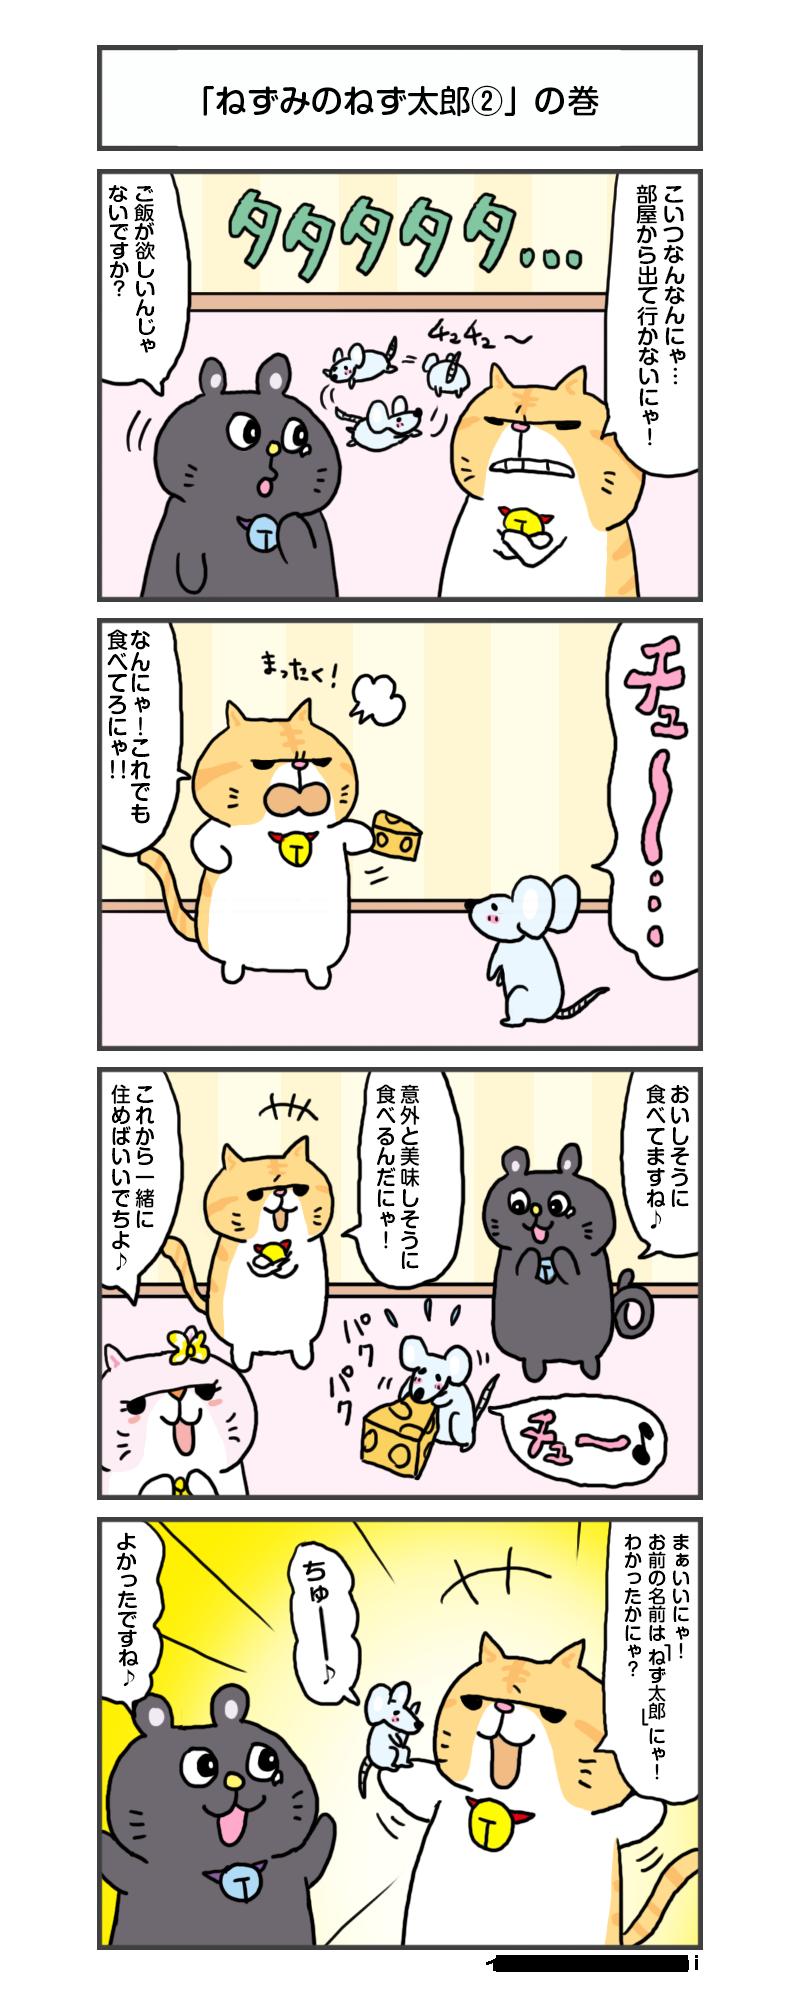 縺医″縺昴y縺・anga_vol.224